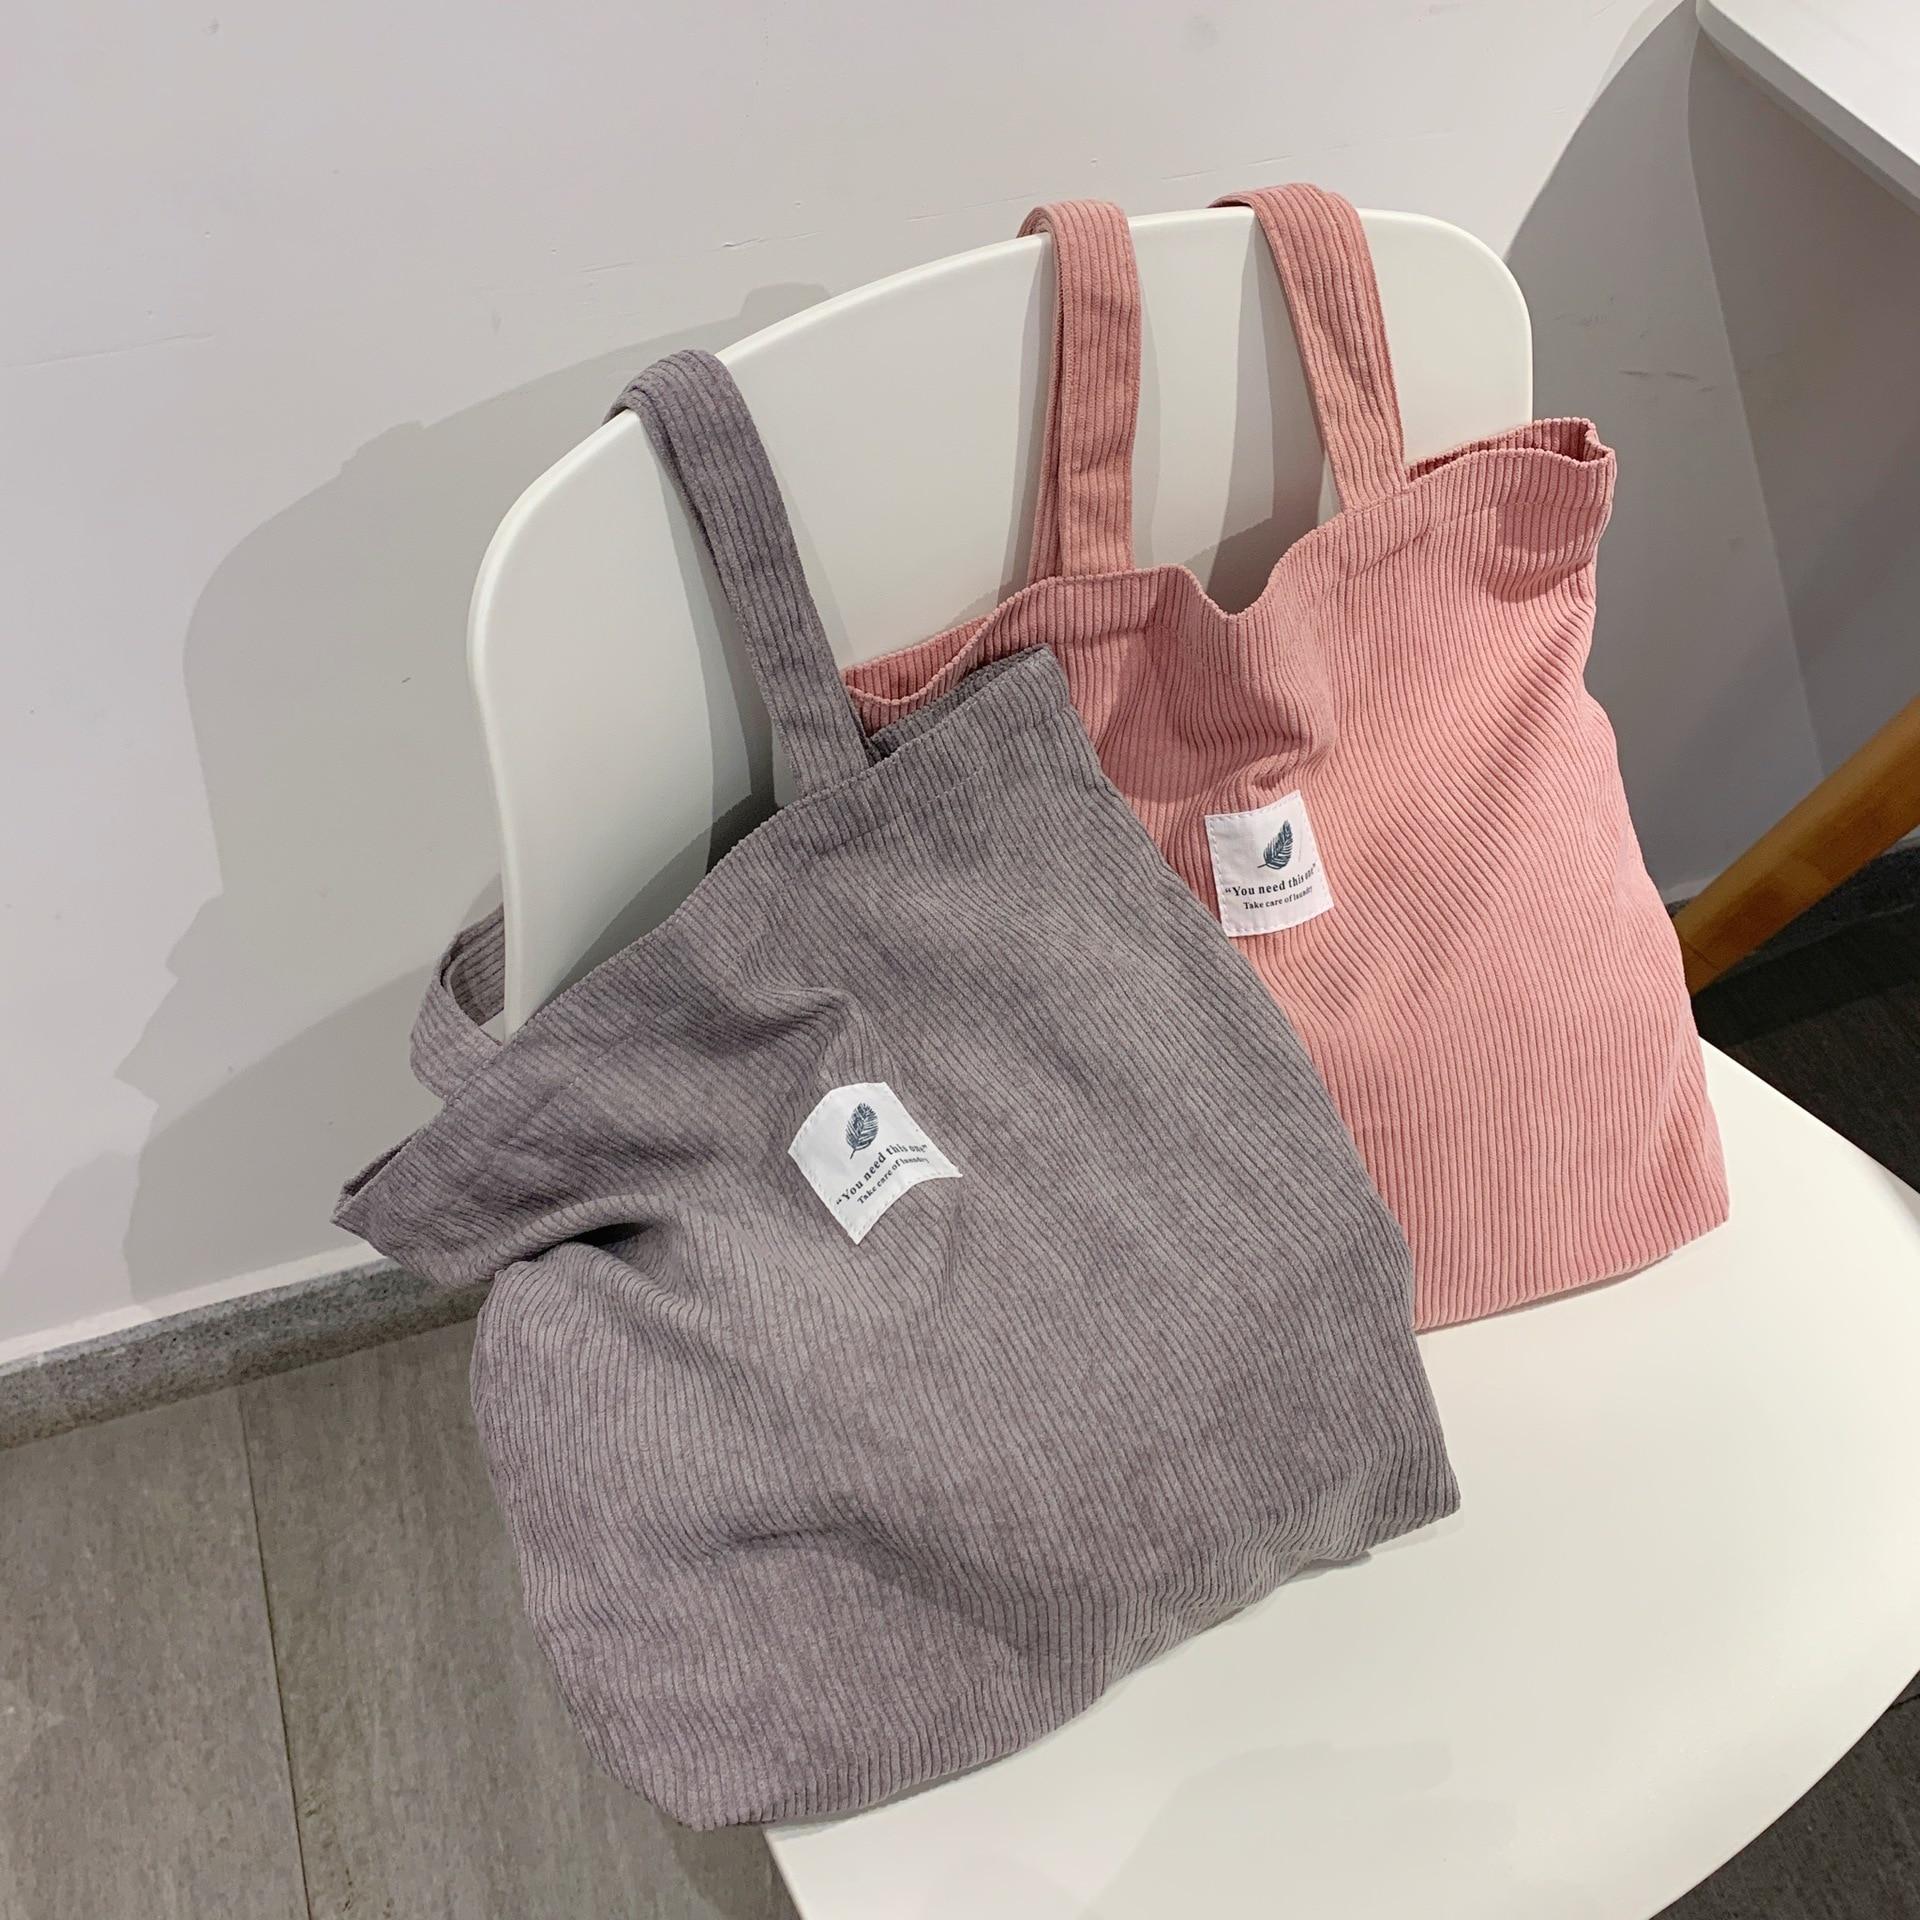 сумка через плечо 2020 черный клатч на плечо багет детская сумочка для девочки сумк женщин кошелек тоут хранения телефона сумк женск на плеч д...